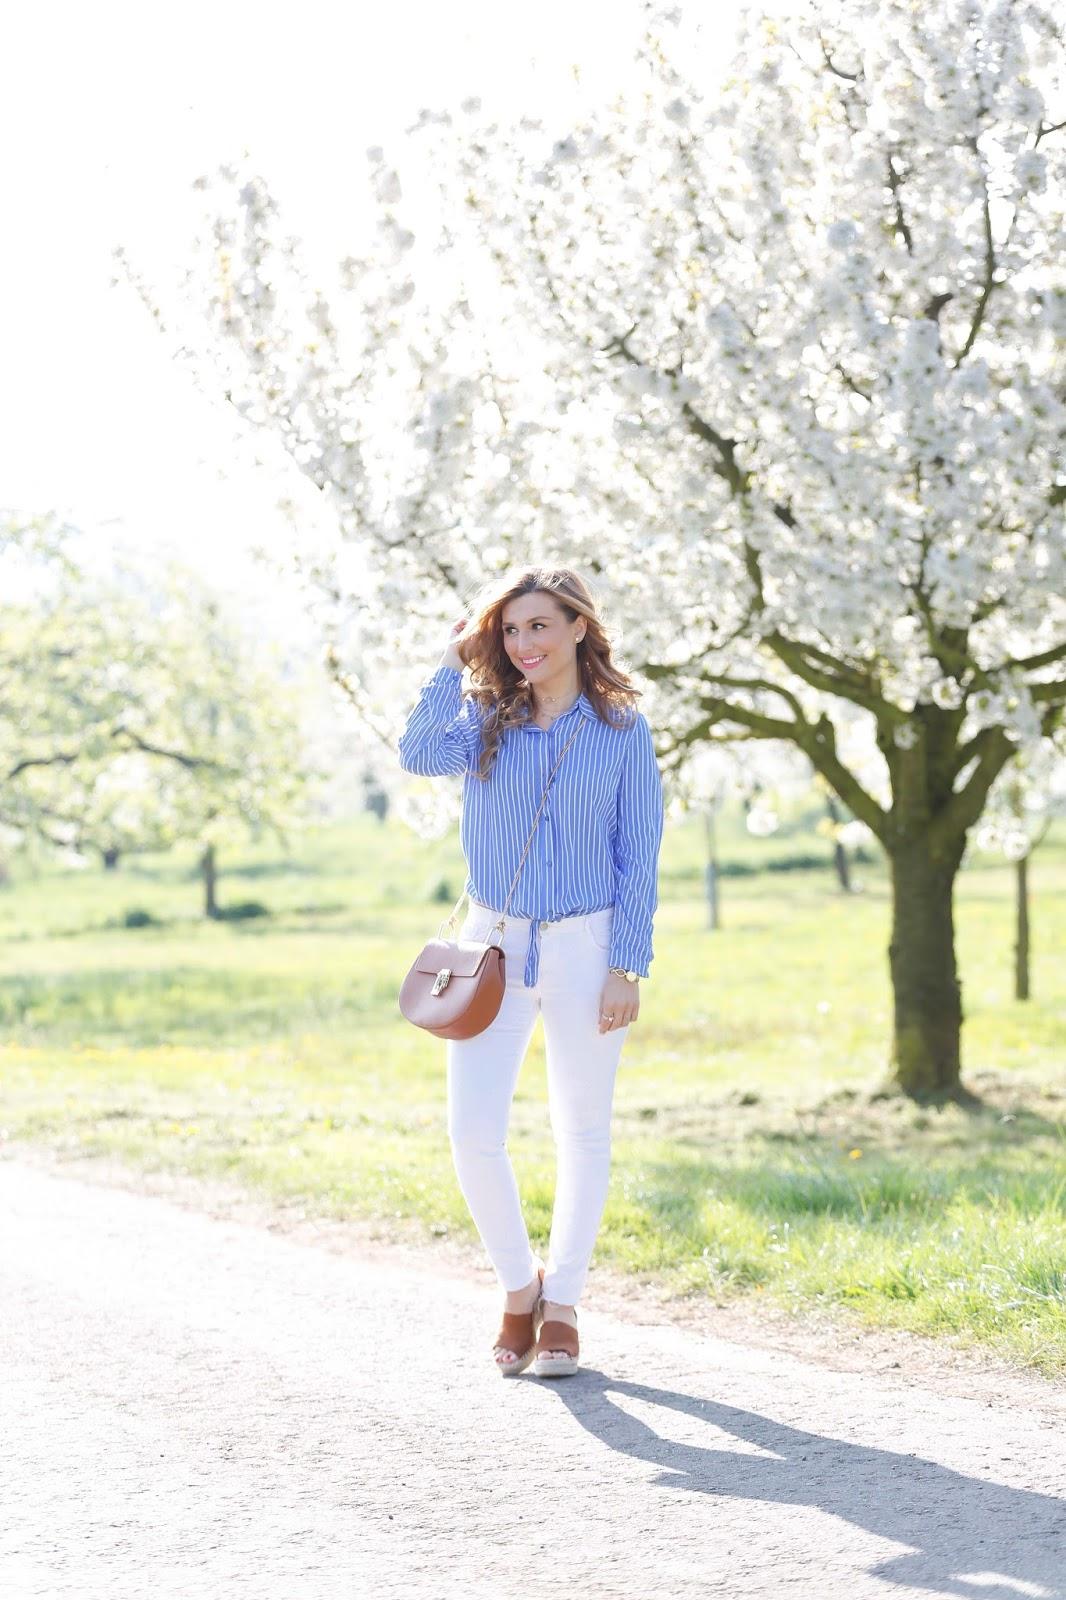 Fashionblogger-aus-deutschland-blaue-streifenbluse-wie-trägt-man-eine-blaue-streifenbluse-weiße-jeans-braune-schuhe